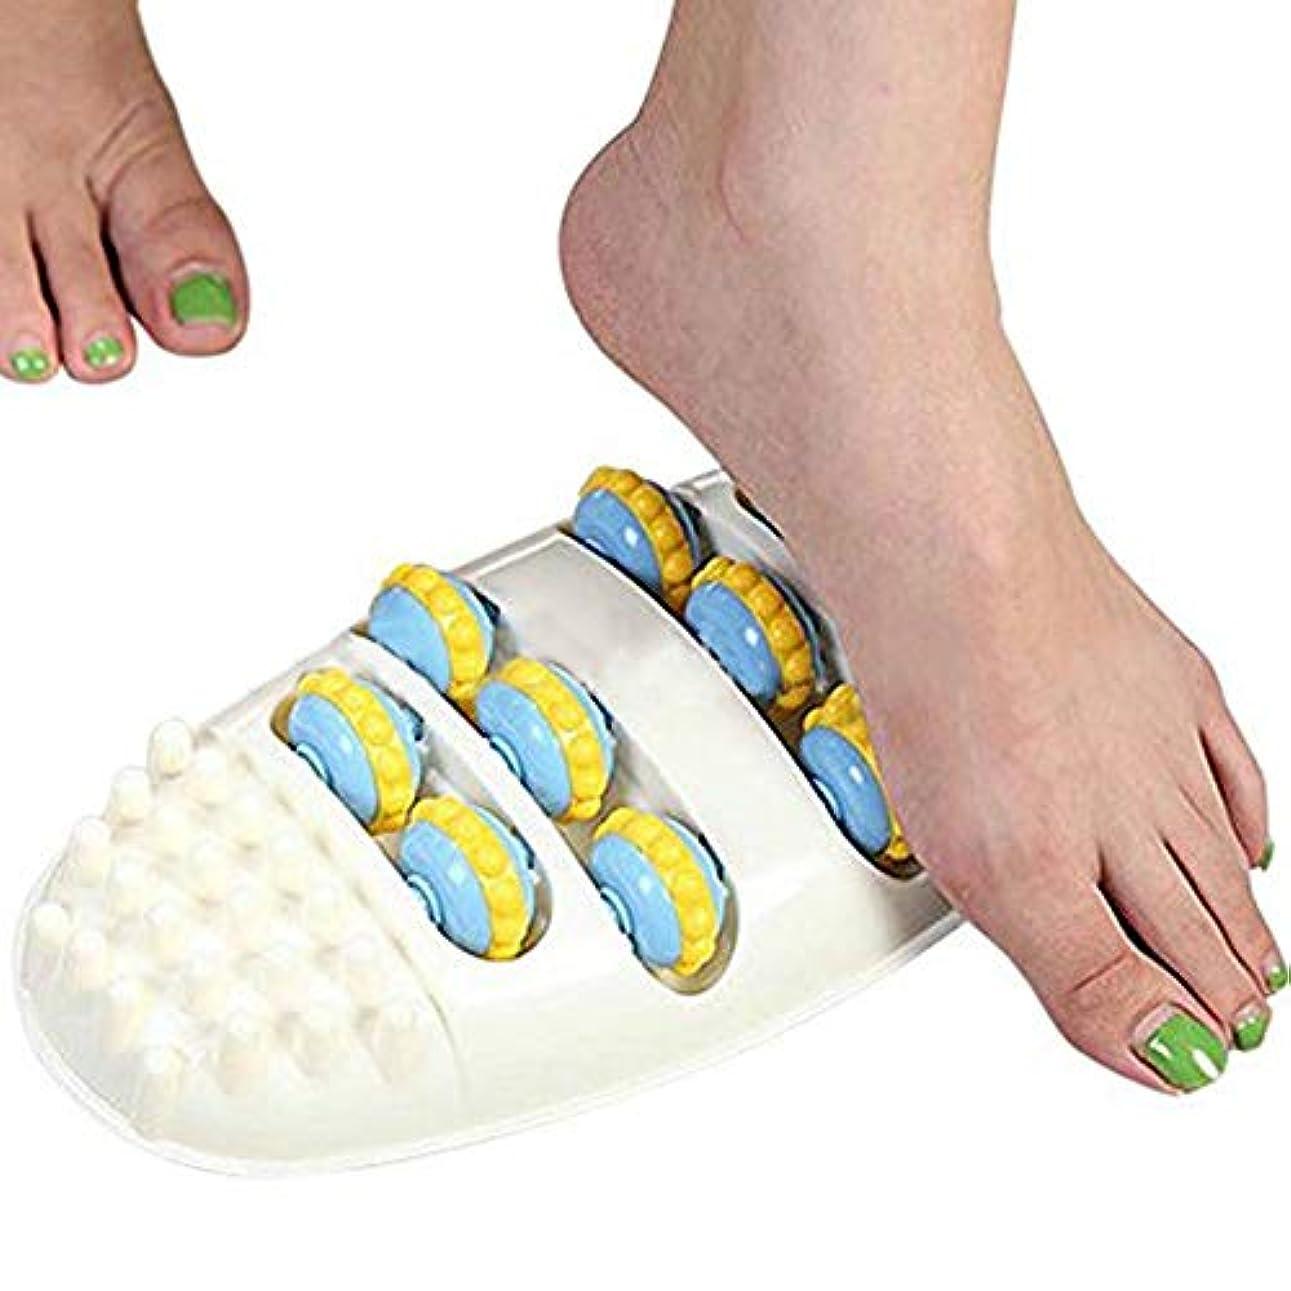 敬意フェリートライアスロンZIME フットマッサージローラー、フットマッスルリラックスツール - 足の痛みと足底筋膜炎を和らげる